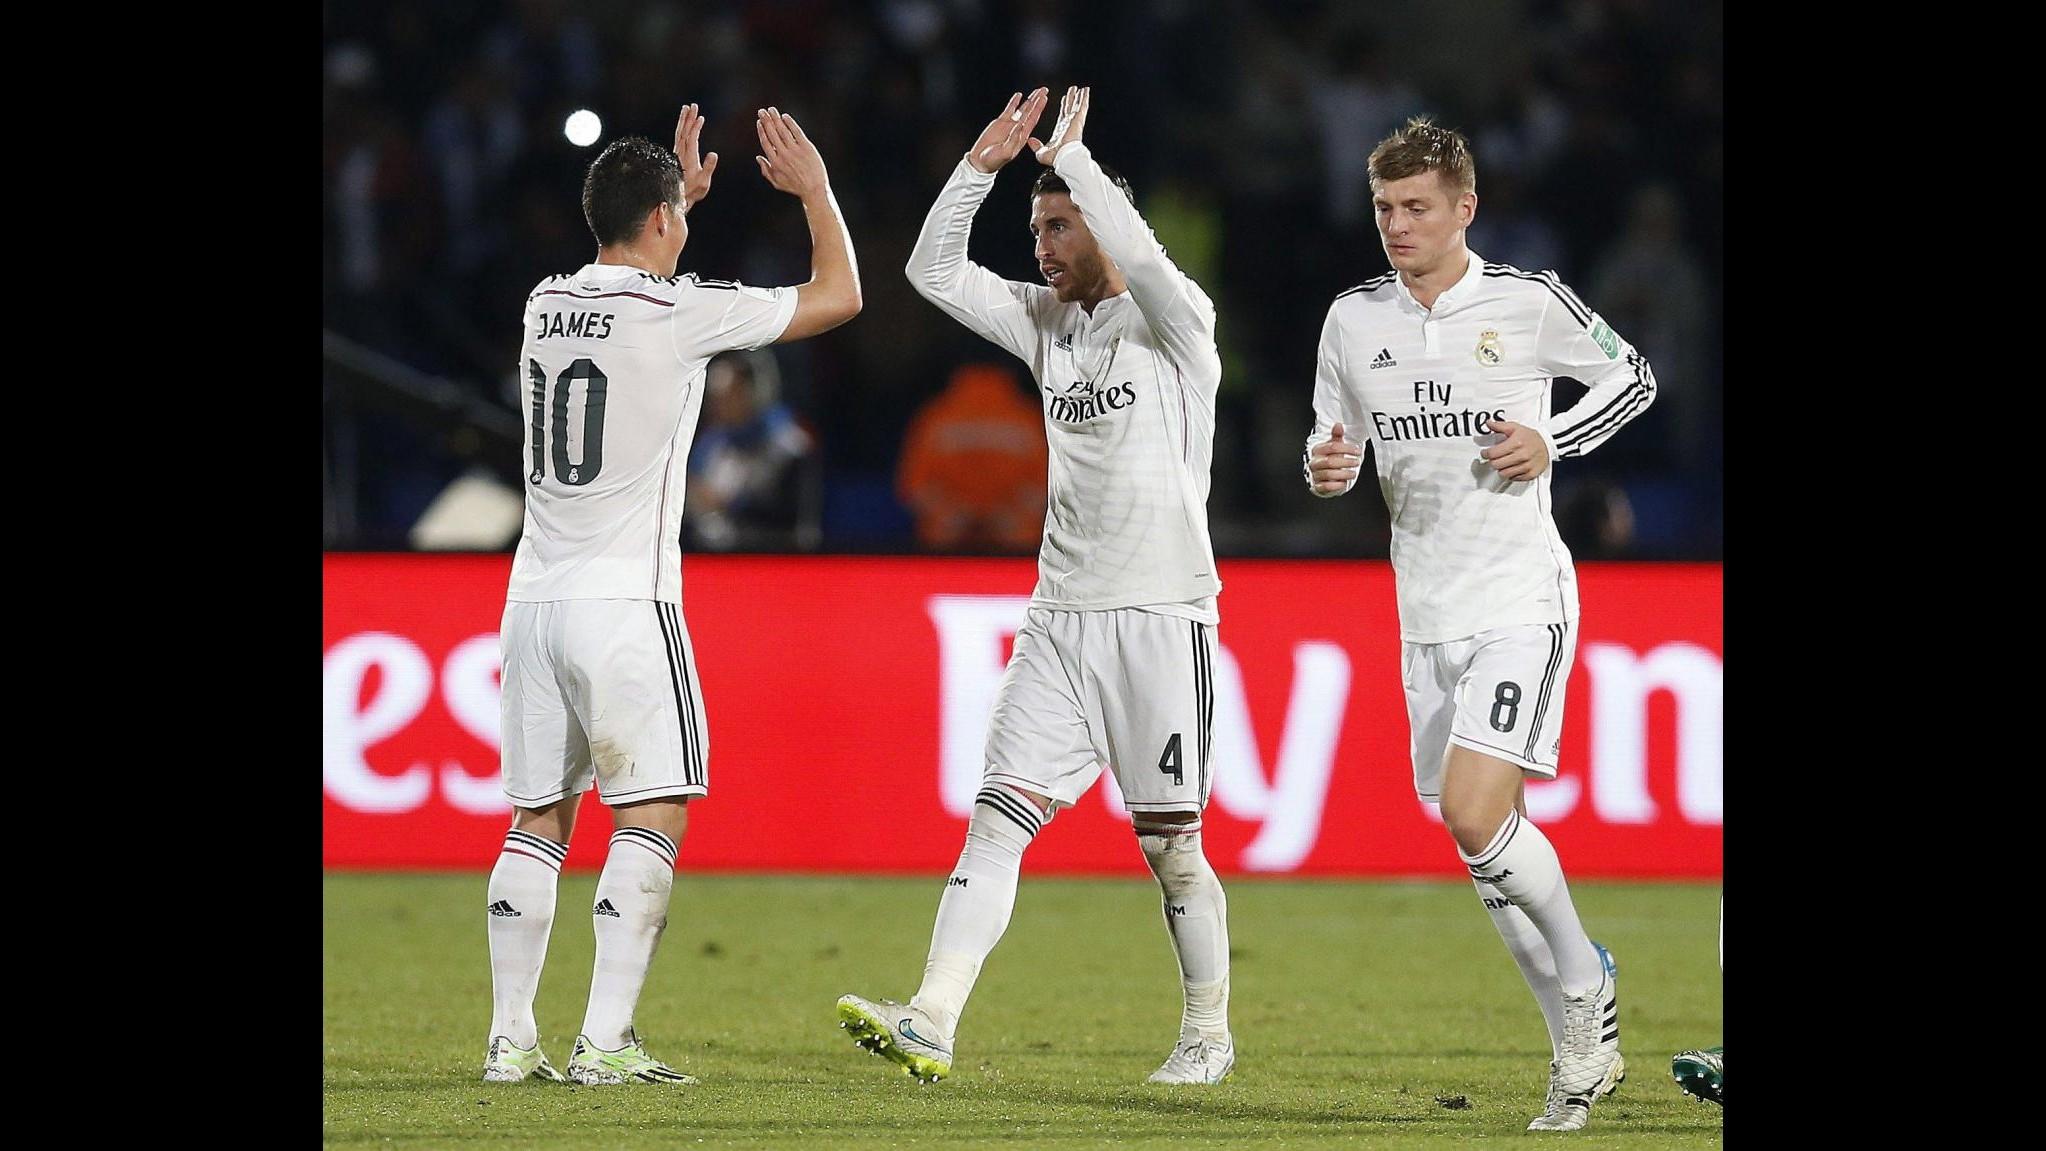 Real Madrid vince Mondiale per club, 2-0 al San Lorenzo. Ancelotti: Siamo i più forti